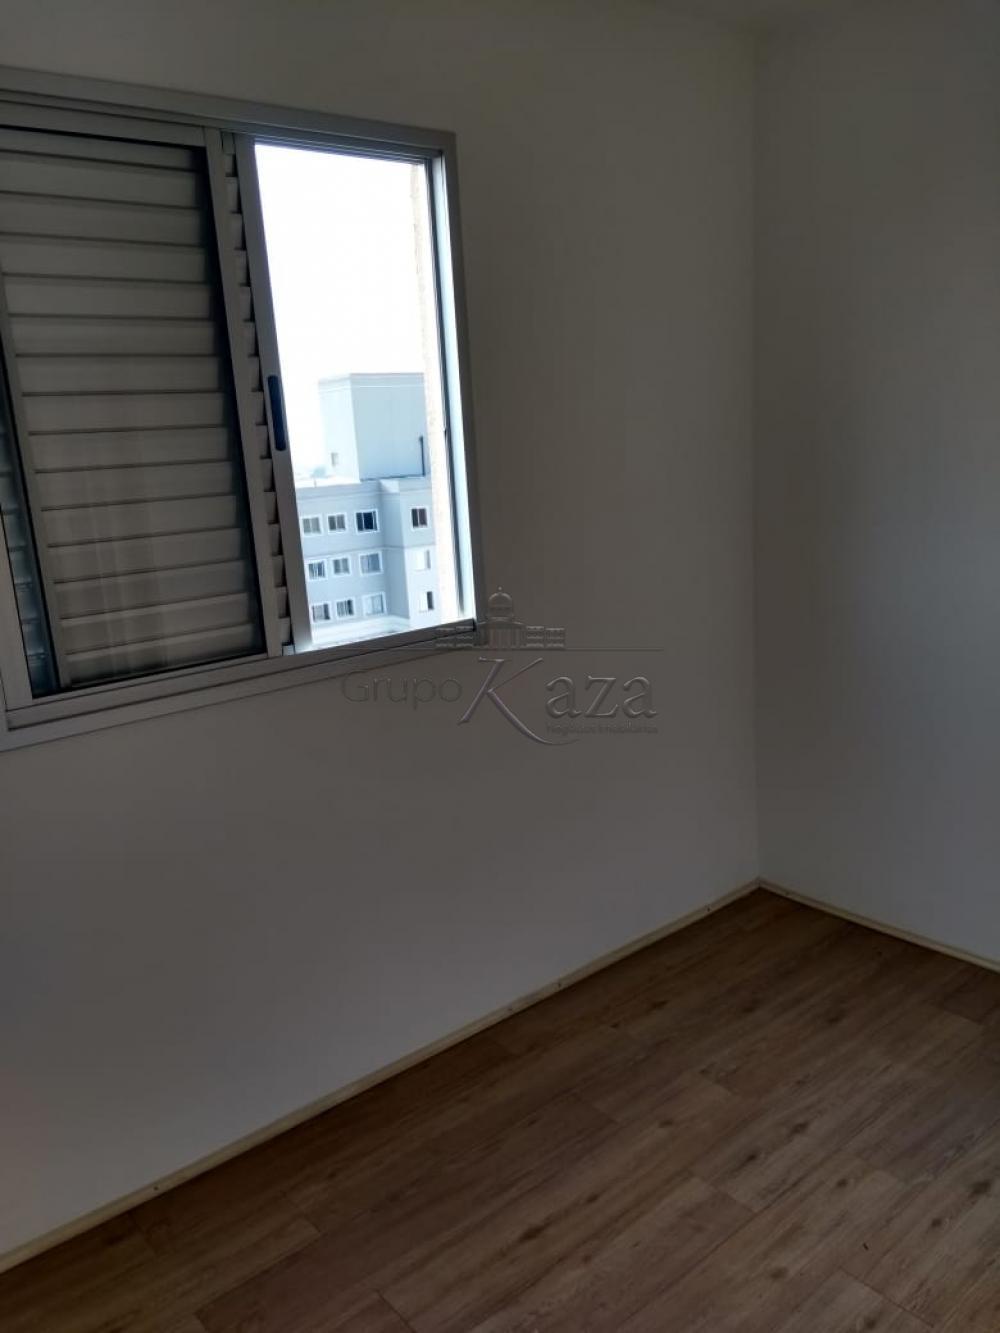 Comprar Apartamento / Padrão em São José dos Campos apenas R$ 295.000,00 - Foto 10